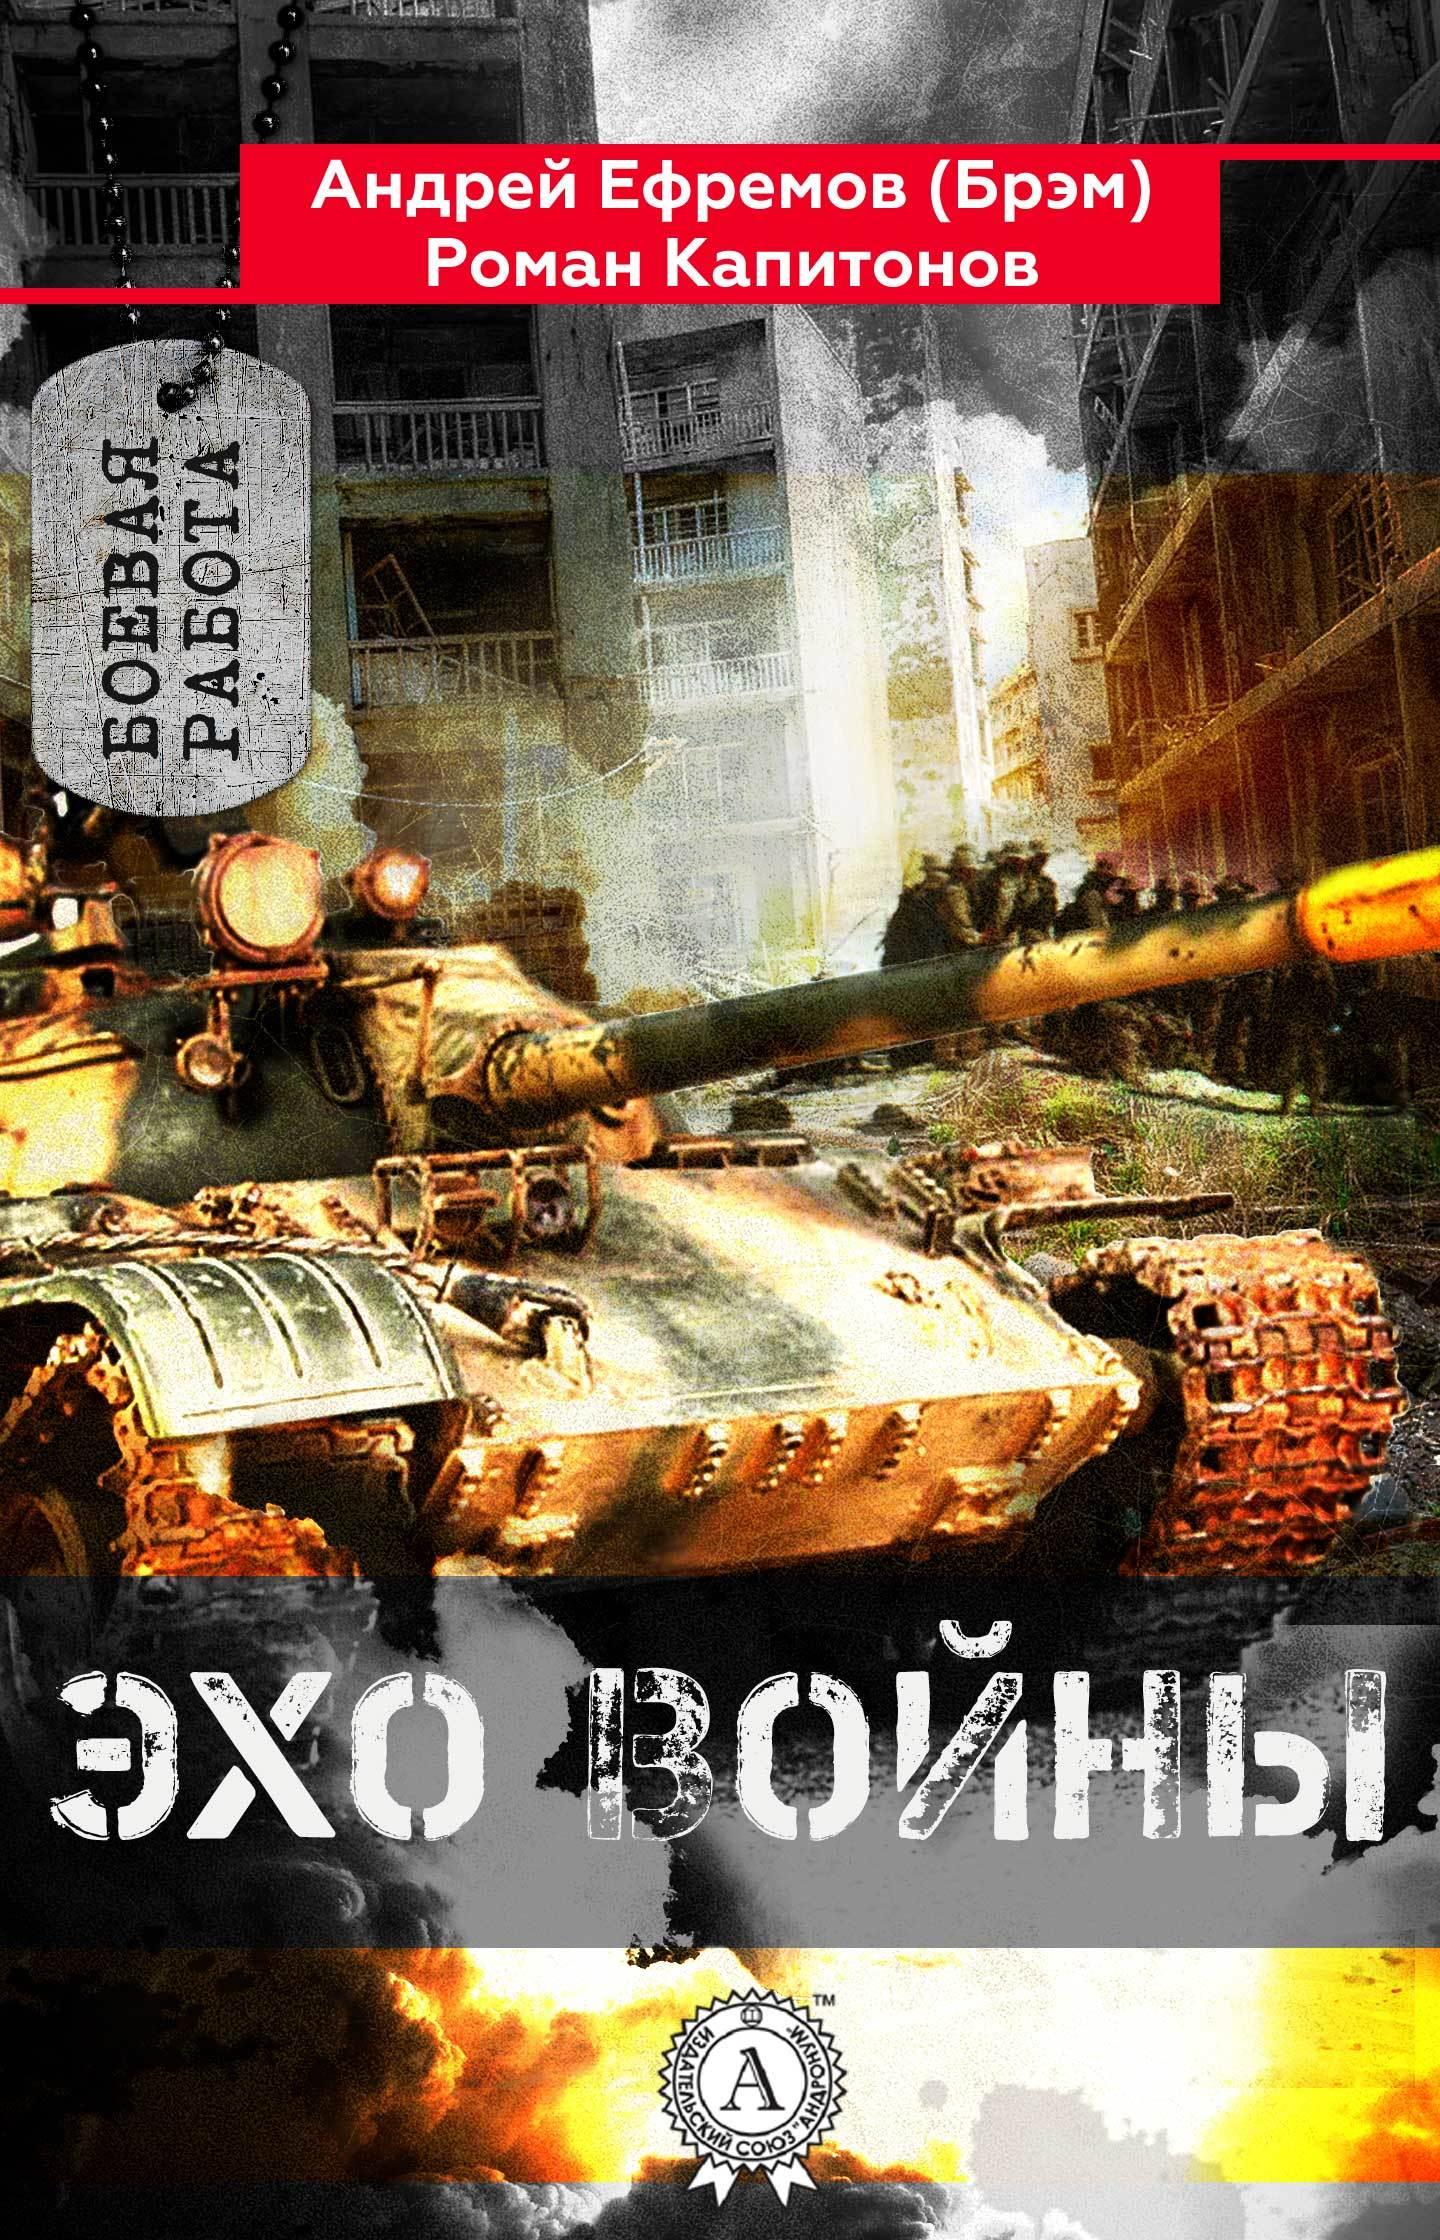 Андрей Ефремов (Брэм) Эхо войны